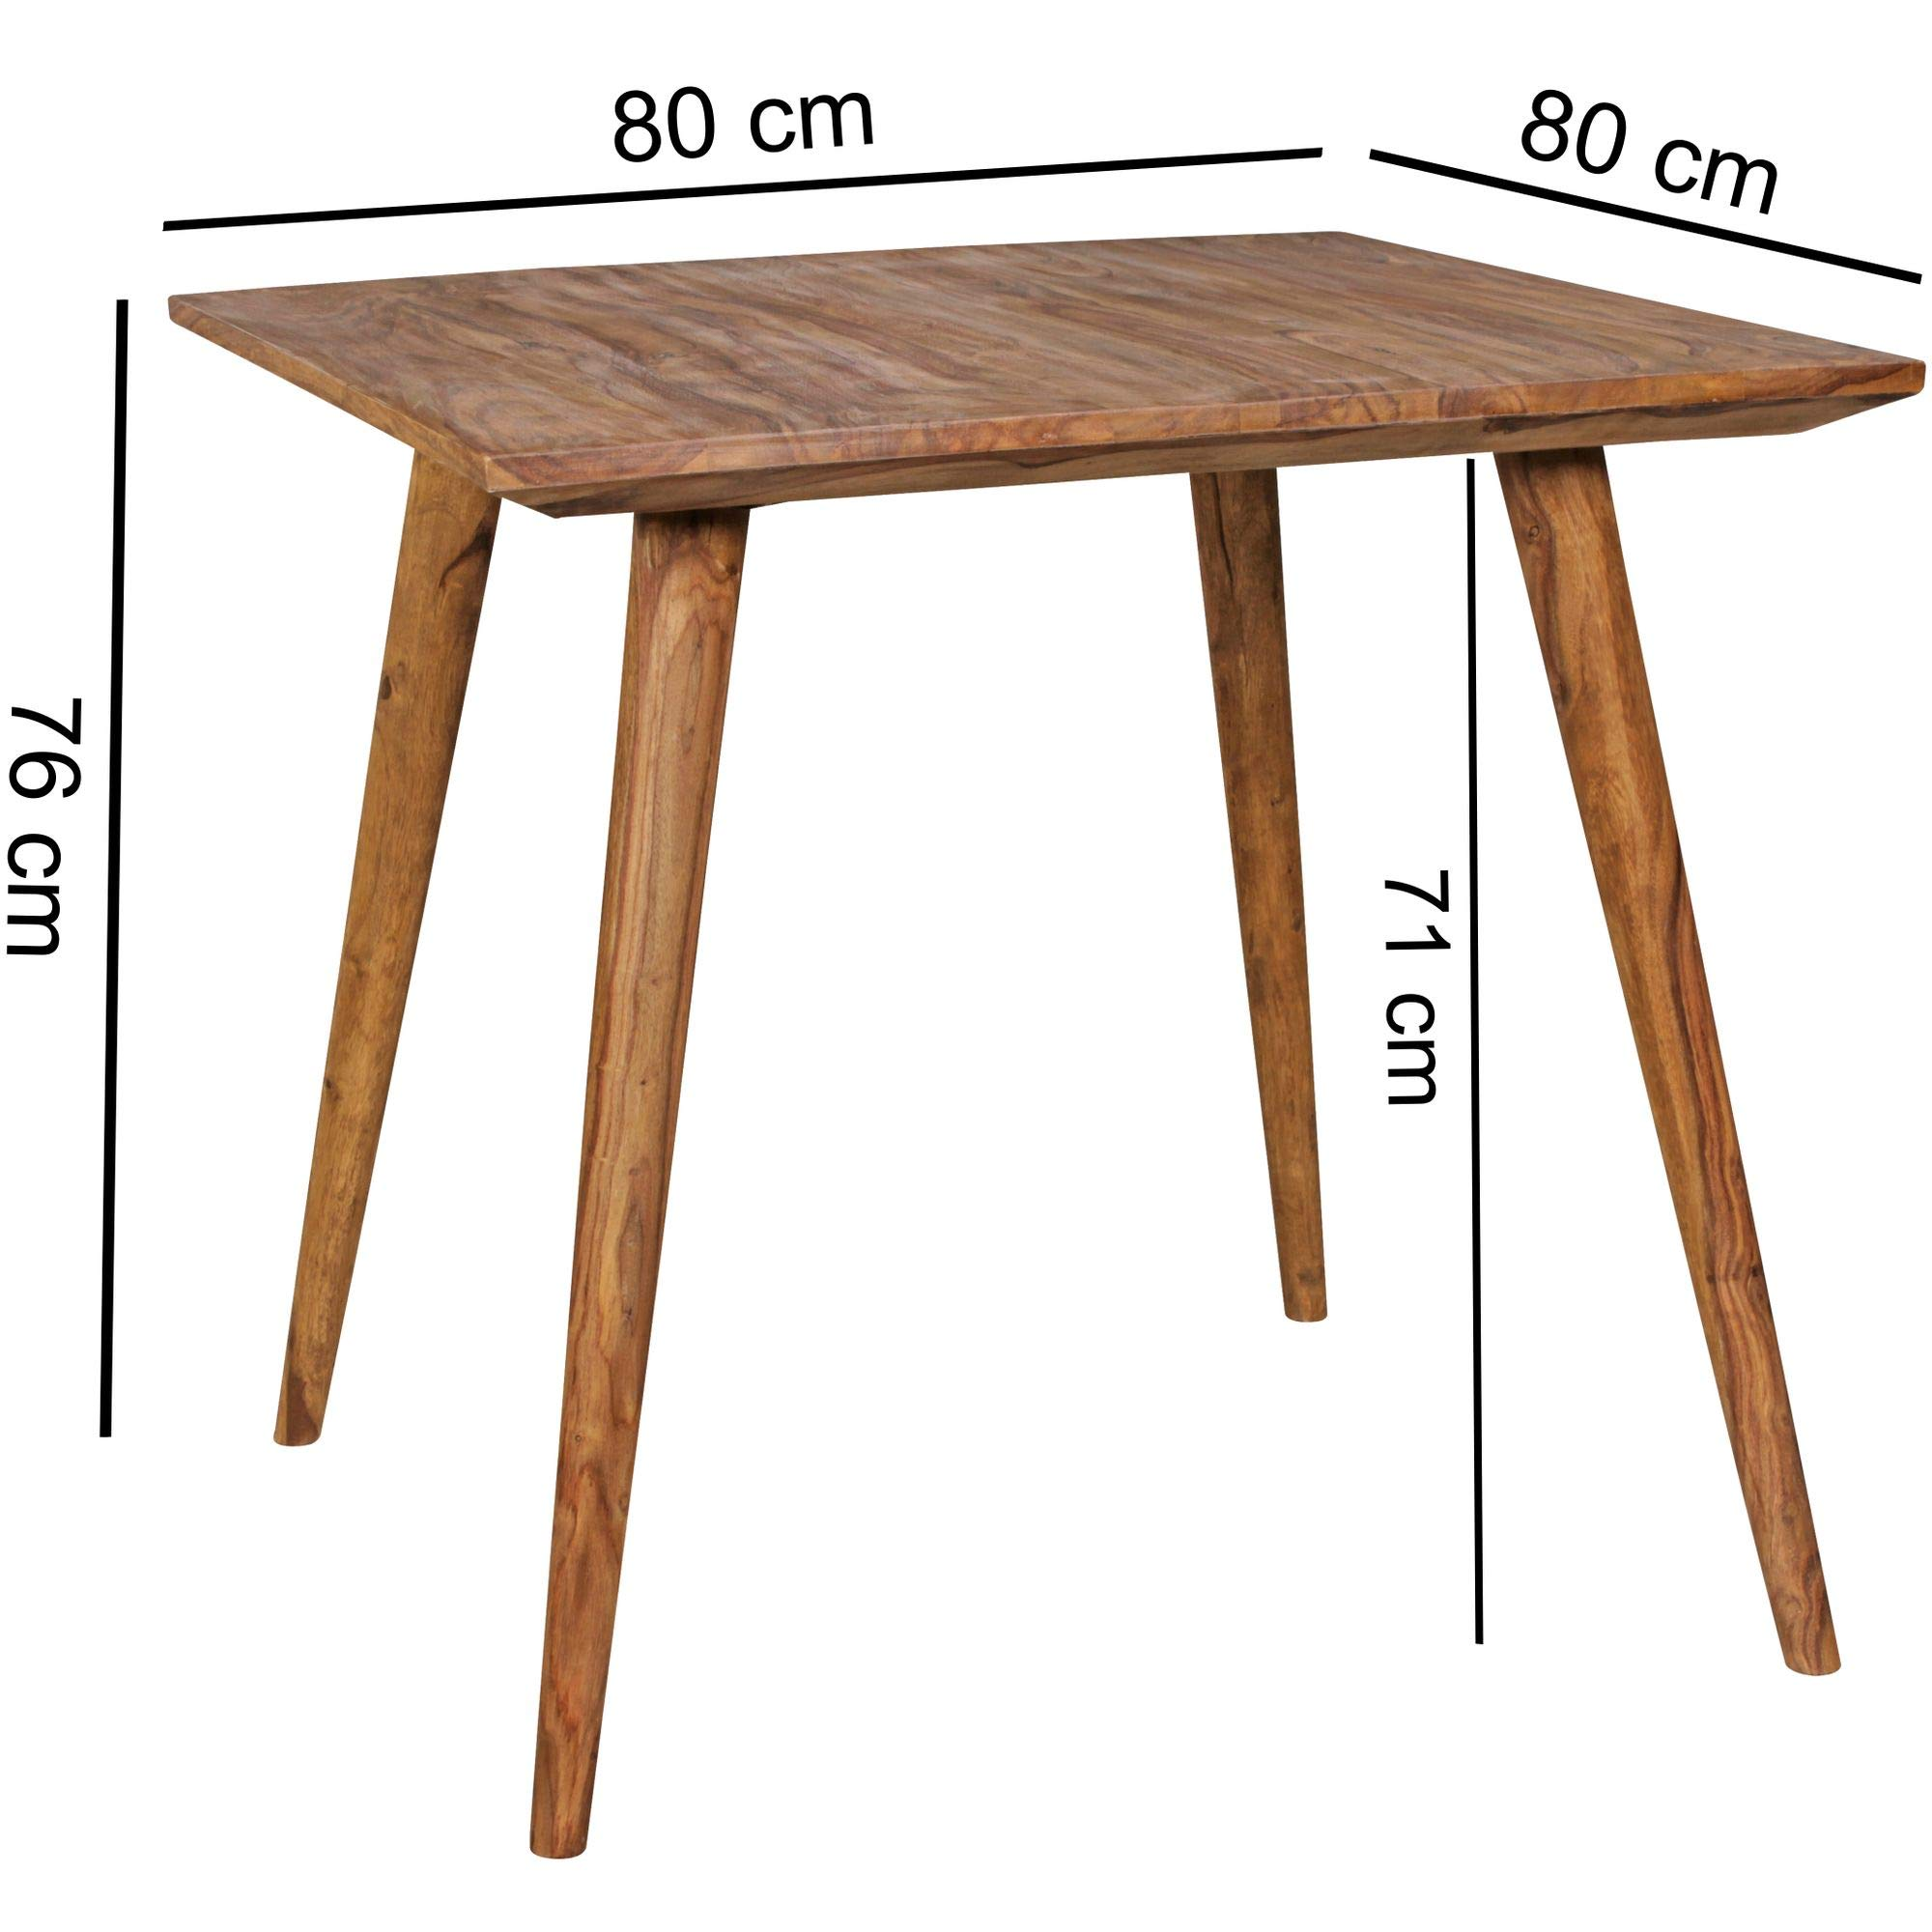 Mesa de Comedor REPA 80 x 80 x 76 cm Sheesham rústica de Madera Maciza. Diseño de casa de Campo Mesa de Comedor. Mesa Cuadrada para el Comedor. 4 Personas: Amazon.es: Hogar